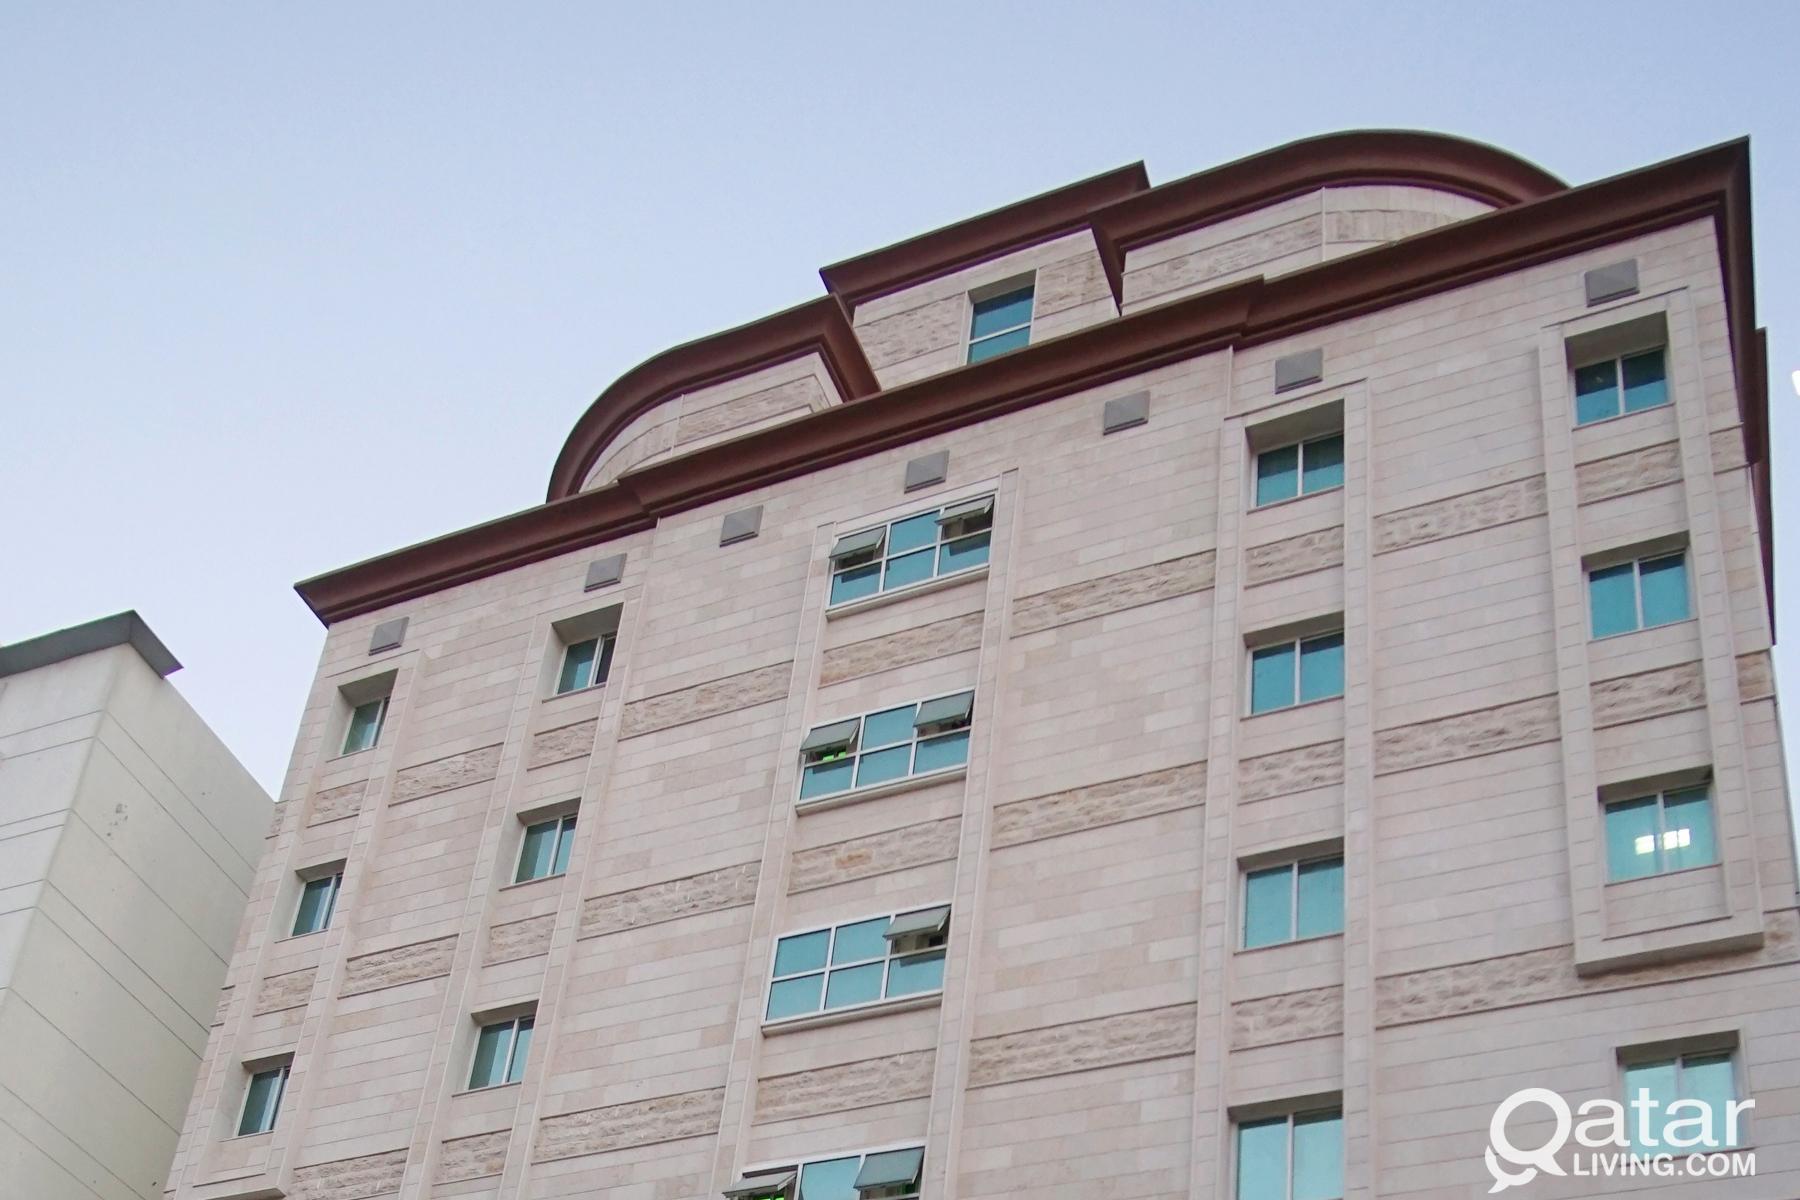 Stunning and Cozy 1BHK Flats in Doha Al Jadeed! -